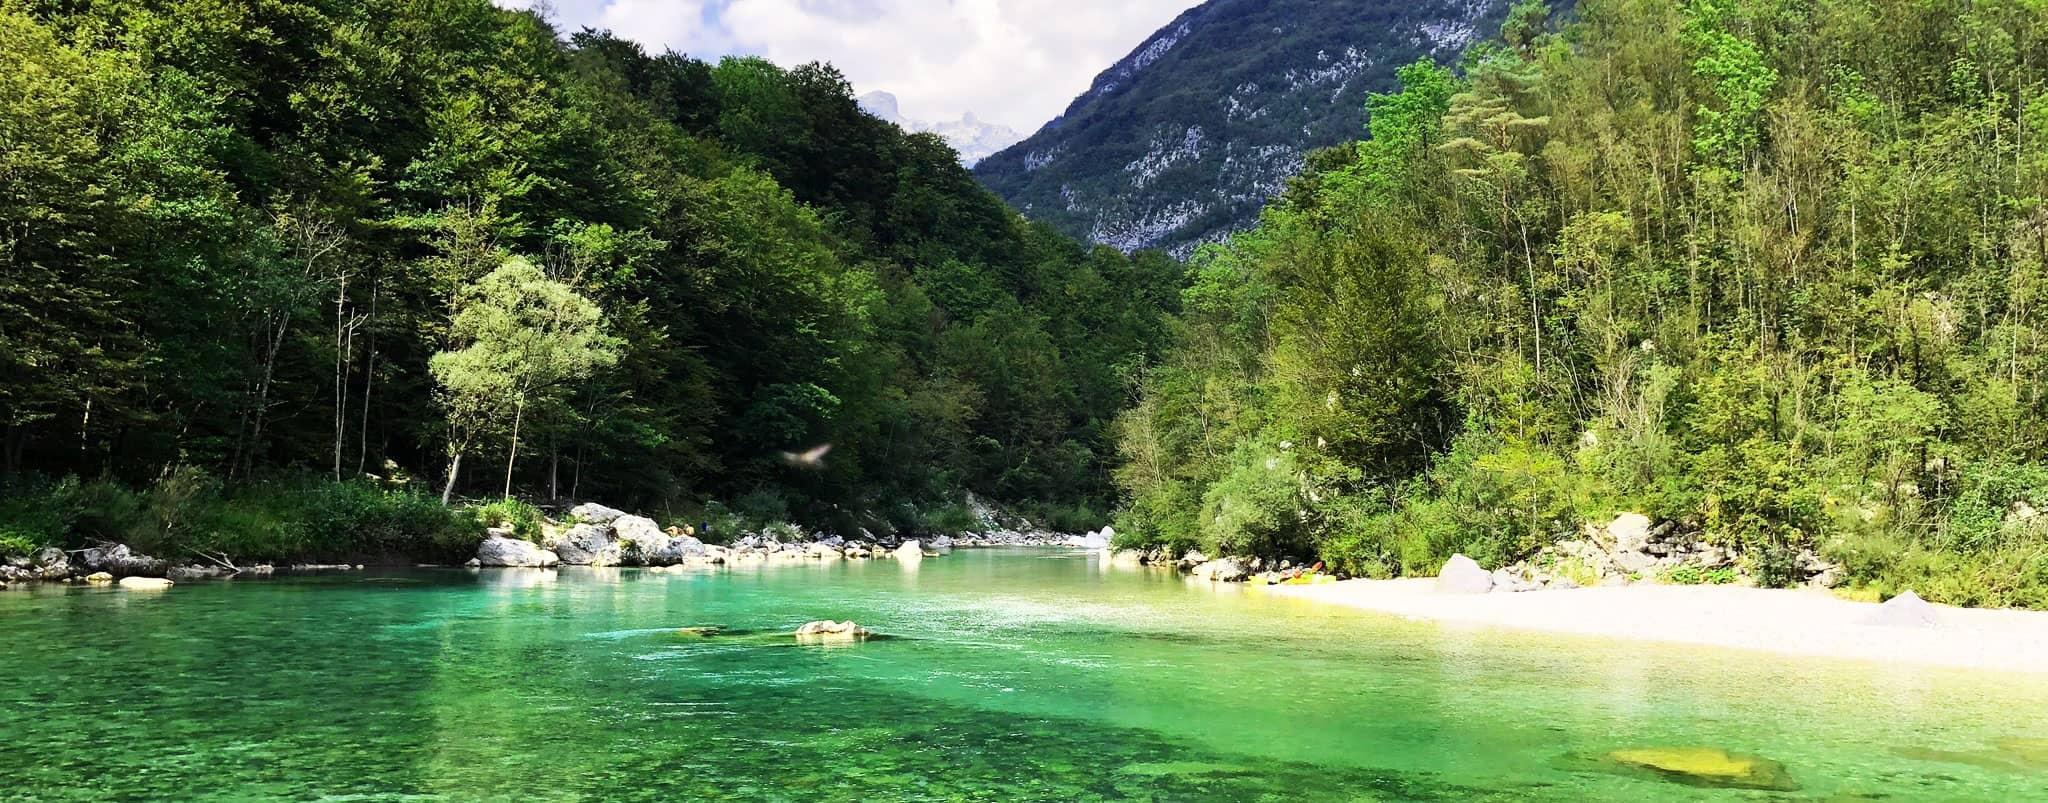 Meine Soča-Tipps: Campen und Aktivitäten